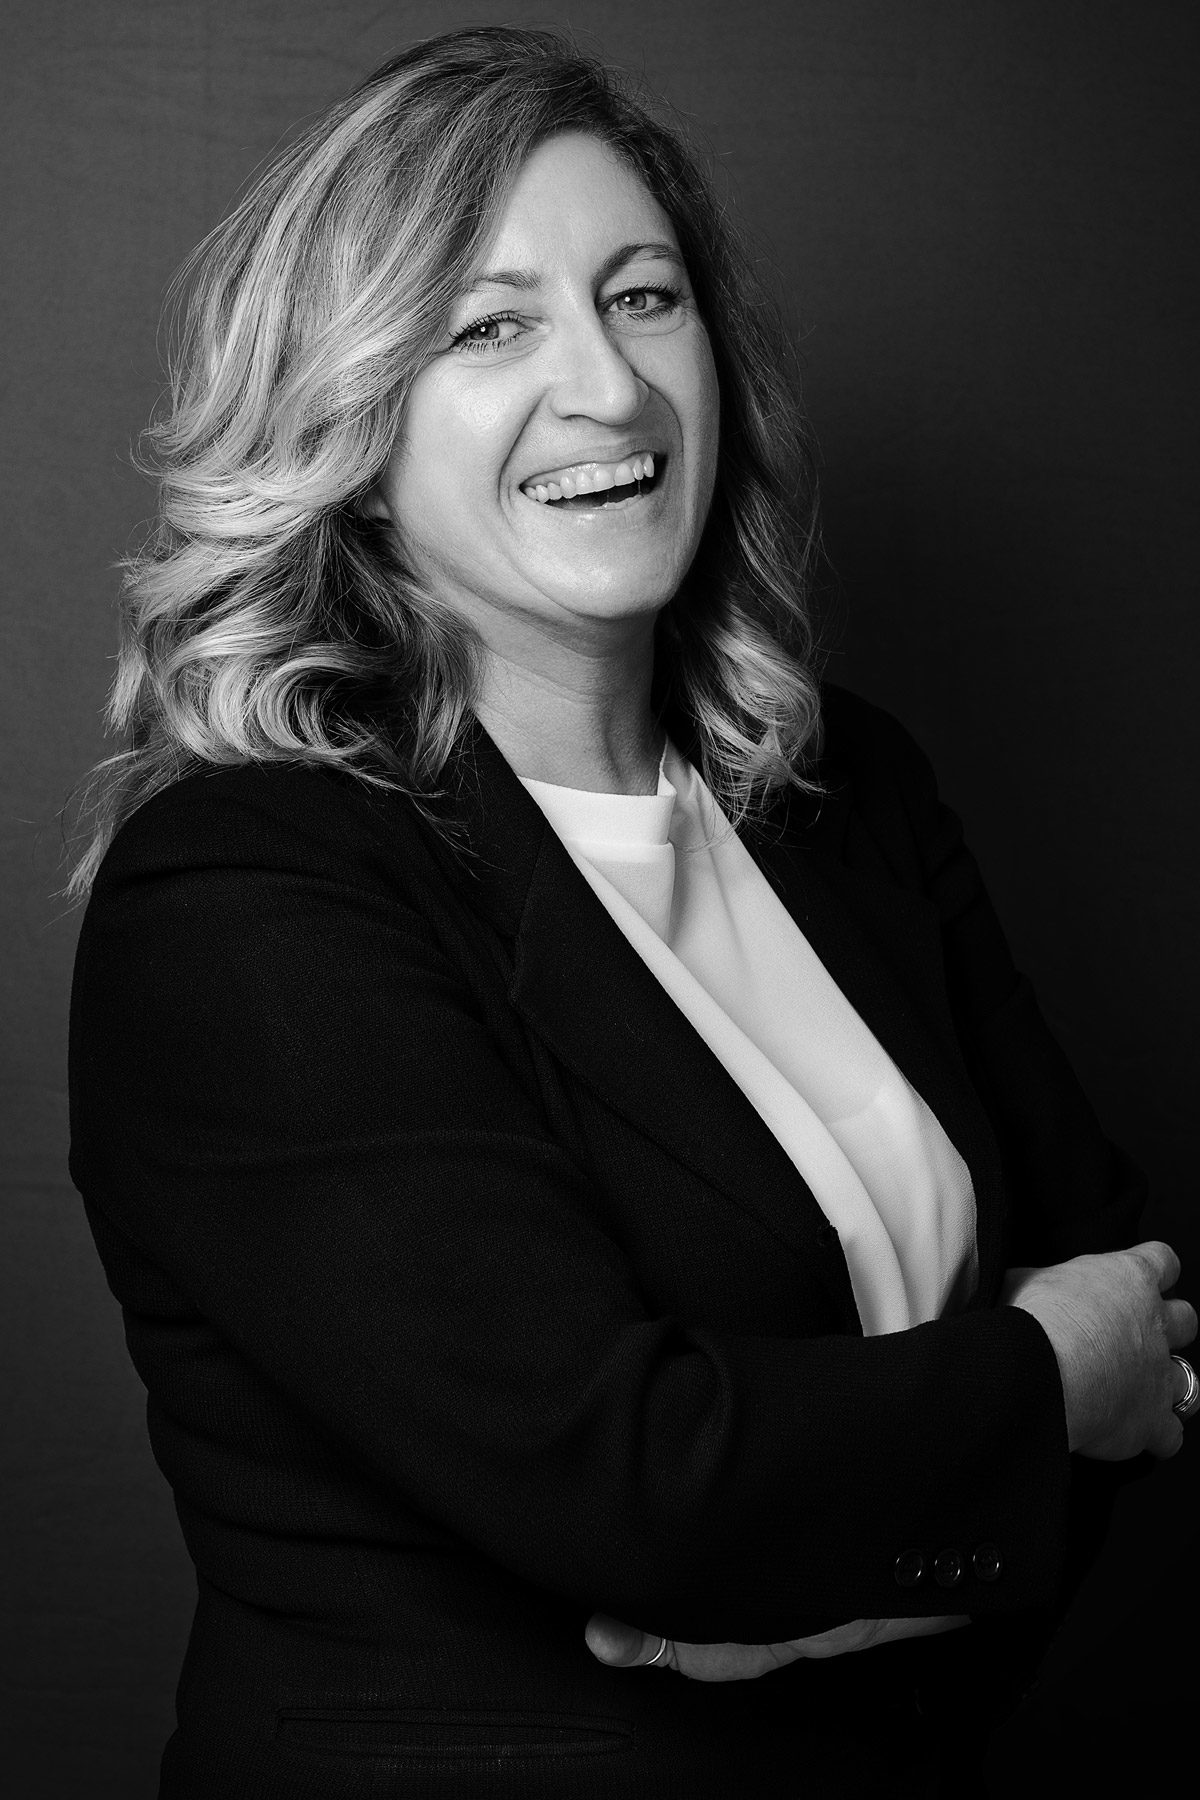 Ritratto Professionale di donna imprenditrice in bianco e nero - Fotografia - Foto Aziendale - Omar Viara Fotografo a Torino